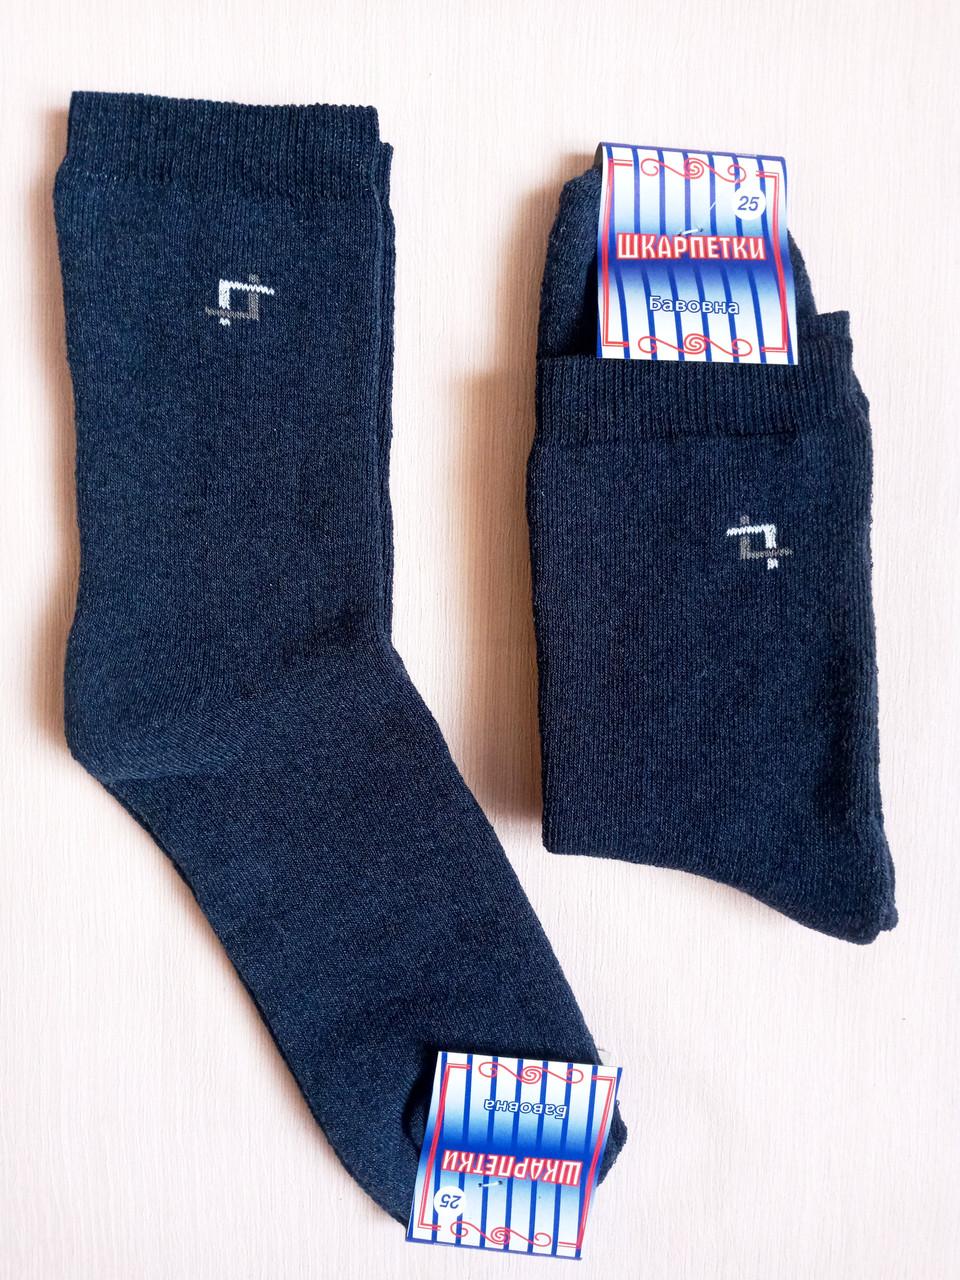 Носки мужские теплые махровые р.25 хлопок стрейч. Цвет синий.От 6 пар по 12 грн.